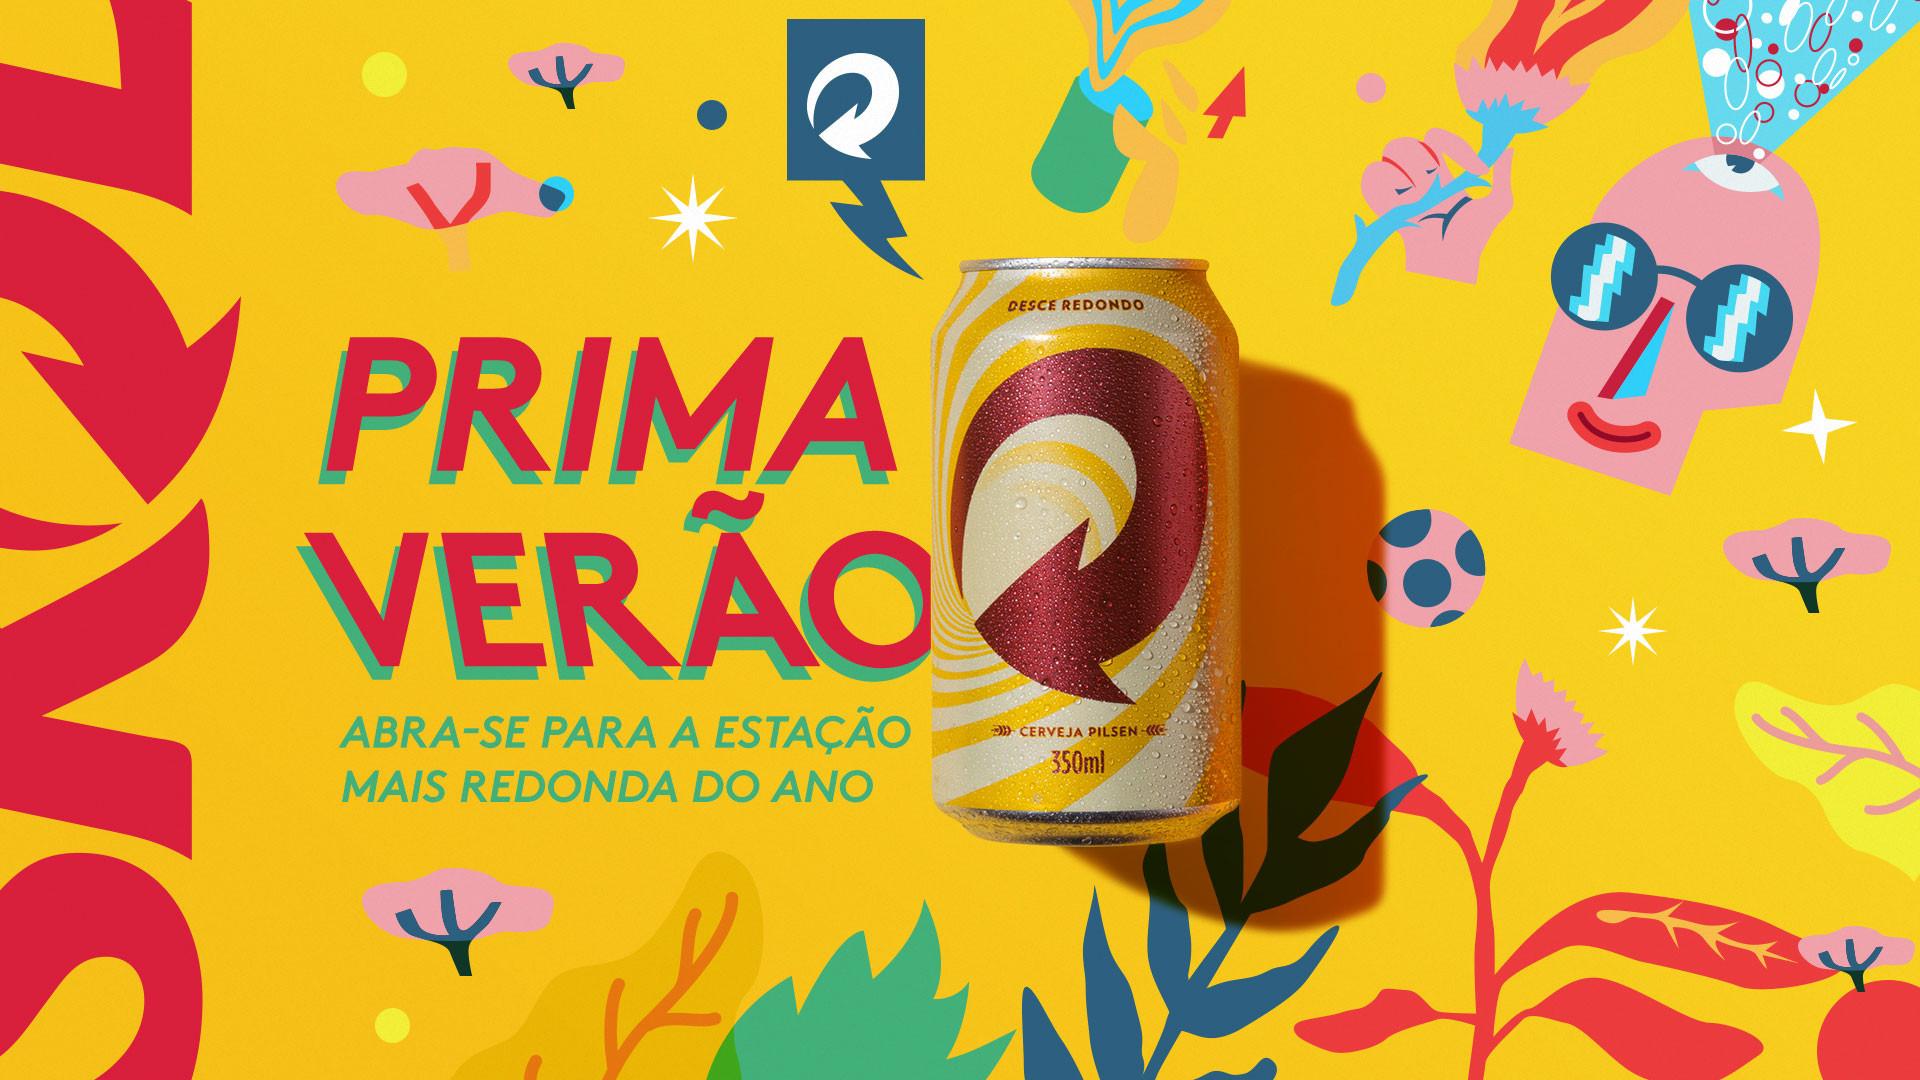 Skol Primaverão - Creative concept